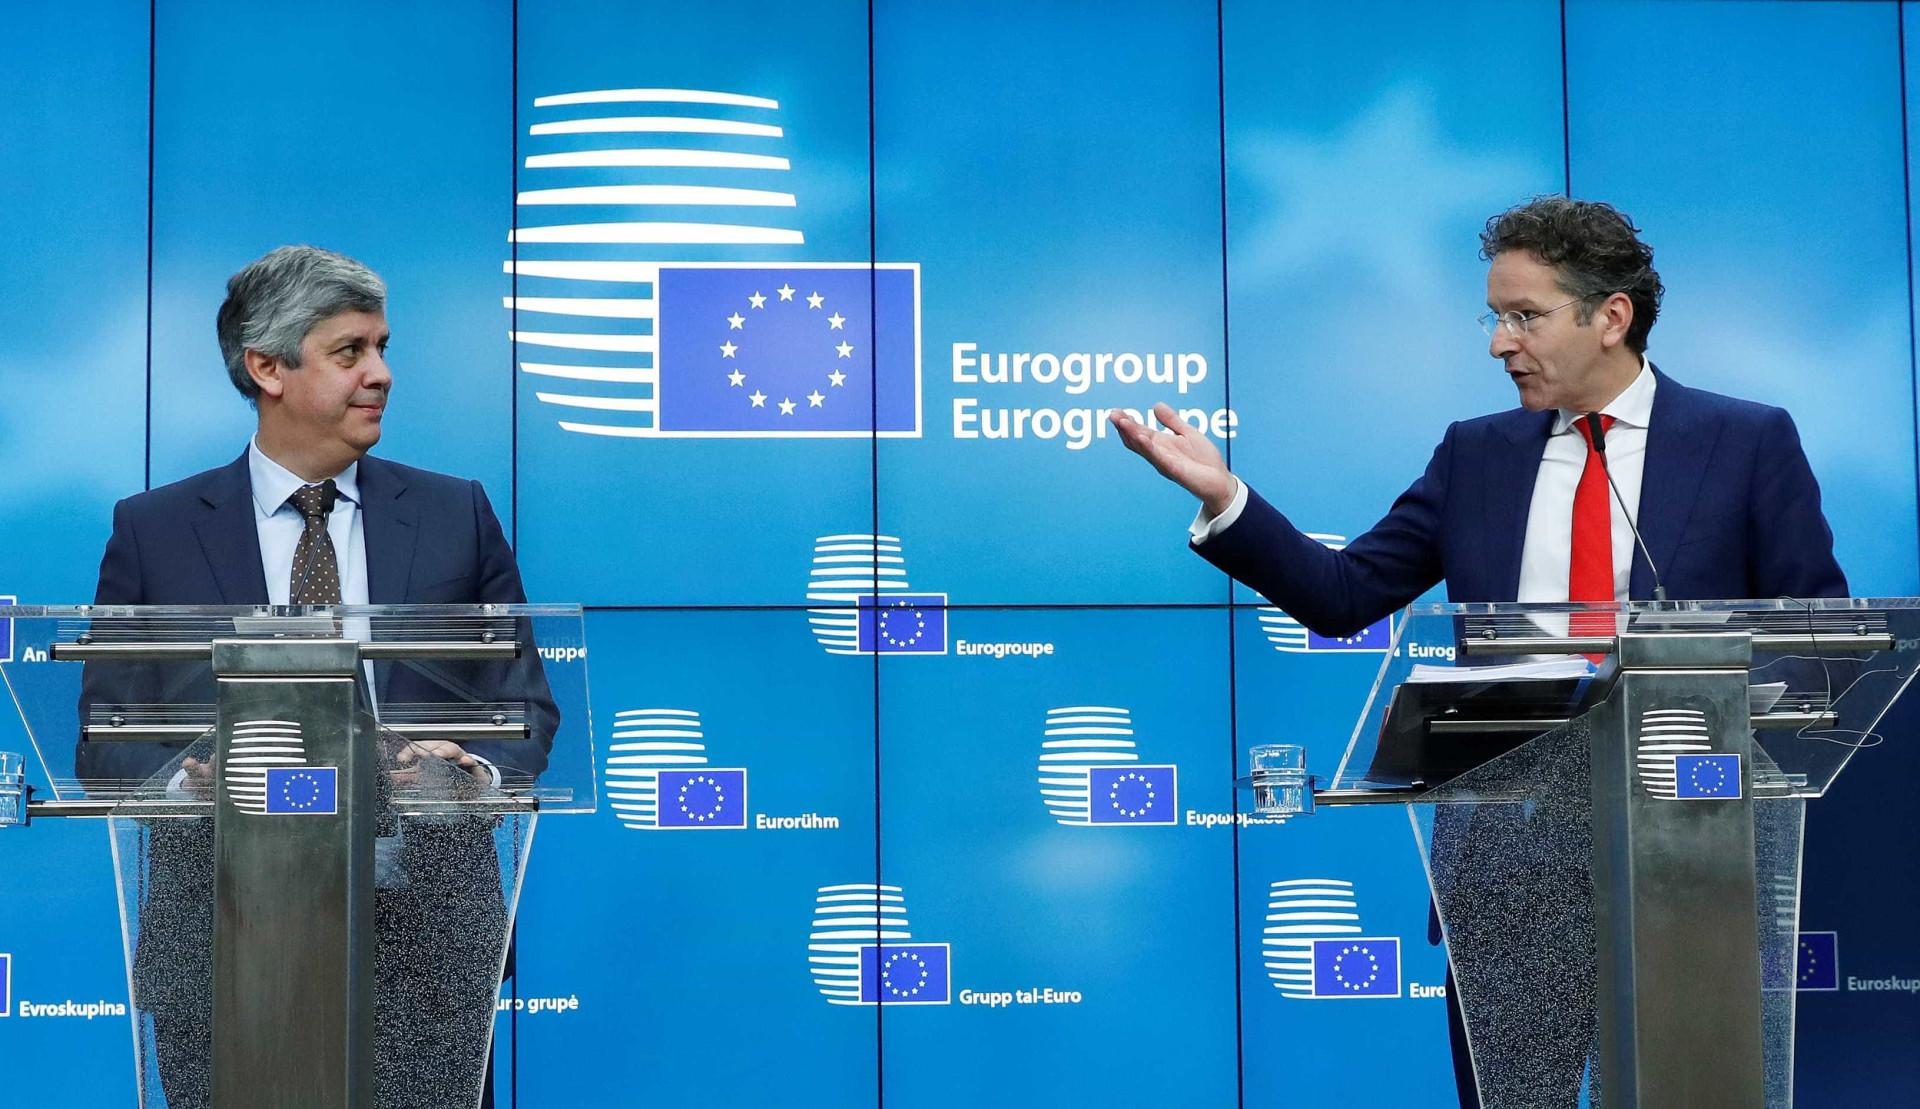 Afinal, é verdade. O 'CR7 das Finanças' chegou mesmo a líder do Eurogrupo